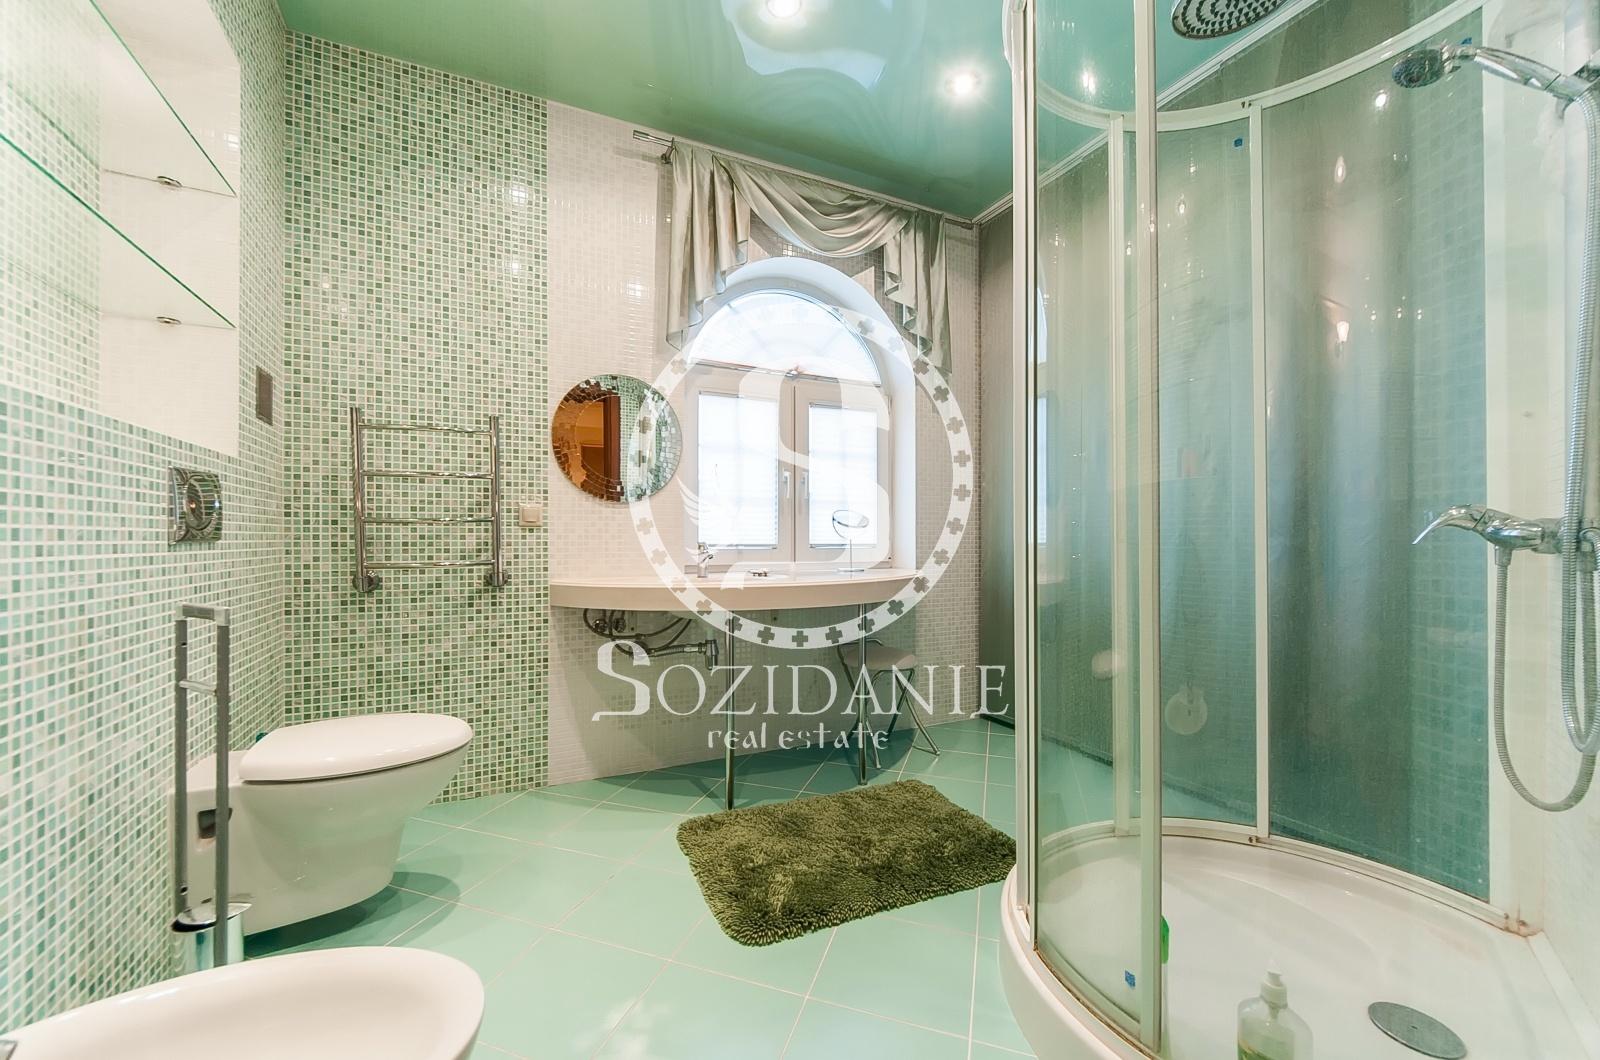 4 Bedrooms, Загородная, Продажа, Listing ID 1362, Московская область, Россия,